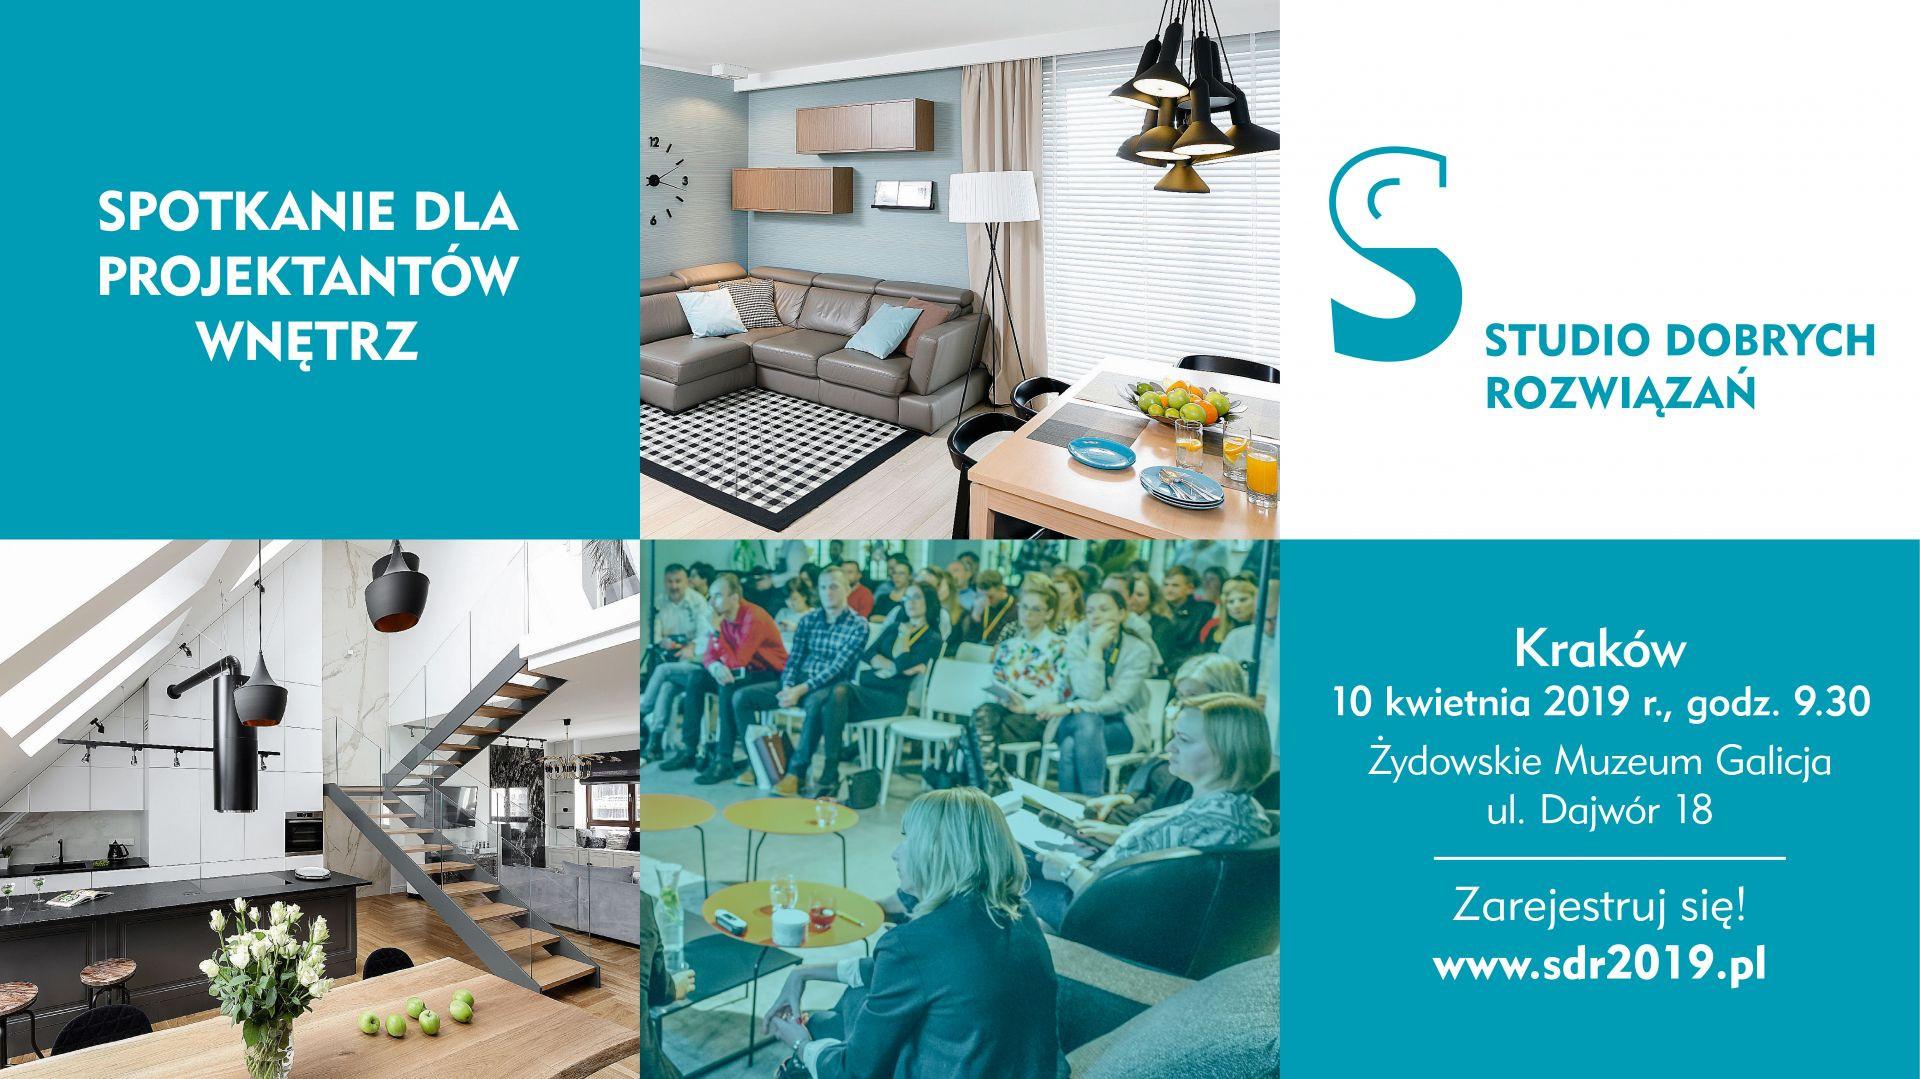 Studio Dobrych Rozwiązań w Krakowie - 10 kwietnia 2019.